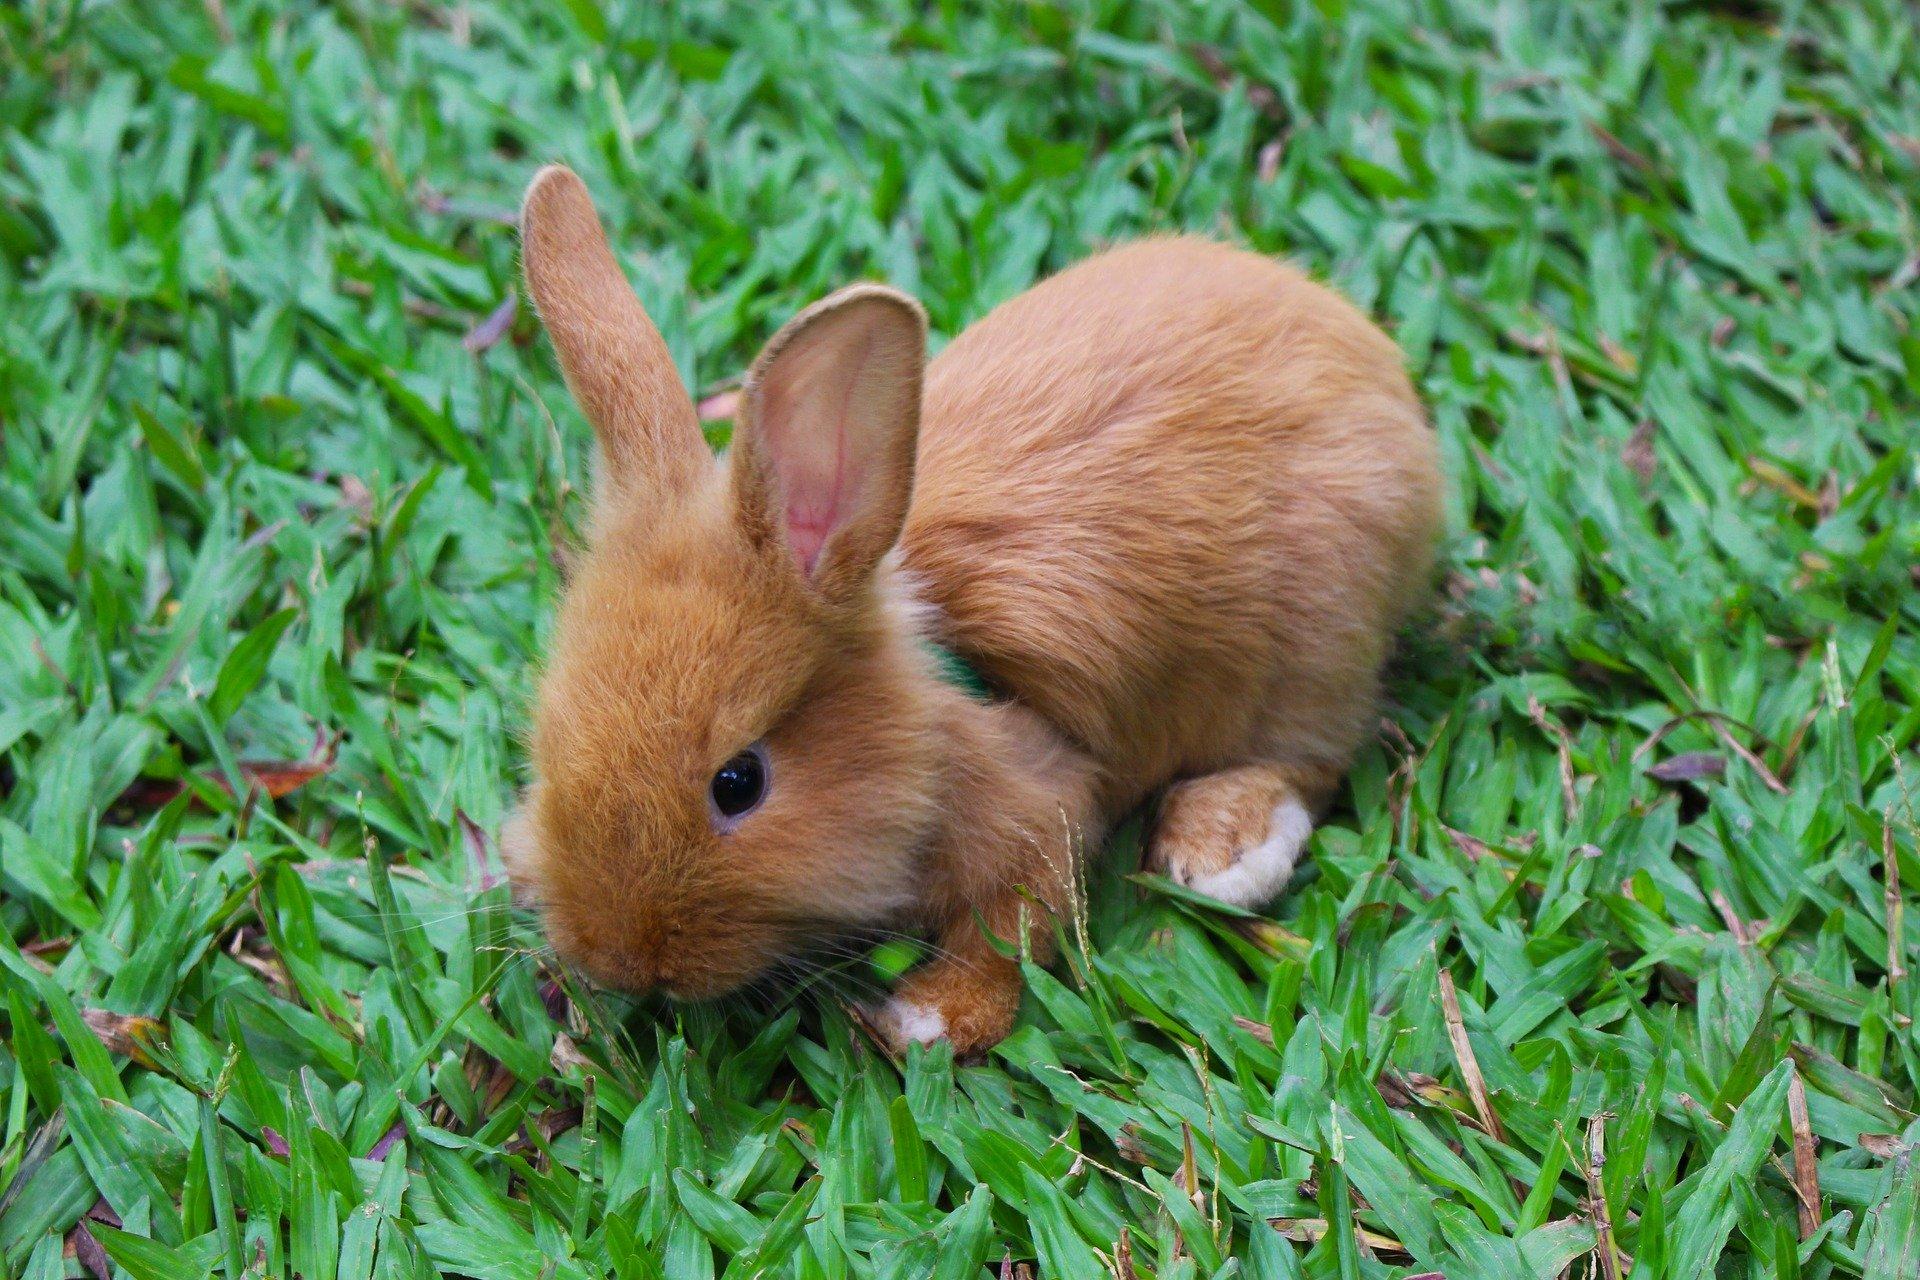 Razze di conigli: differenze e caratteristiche